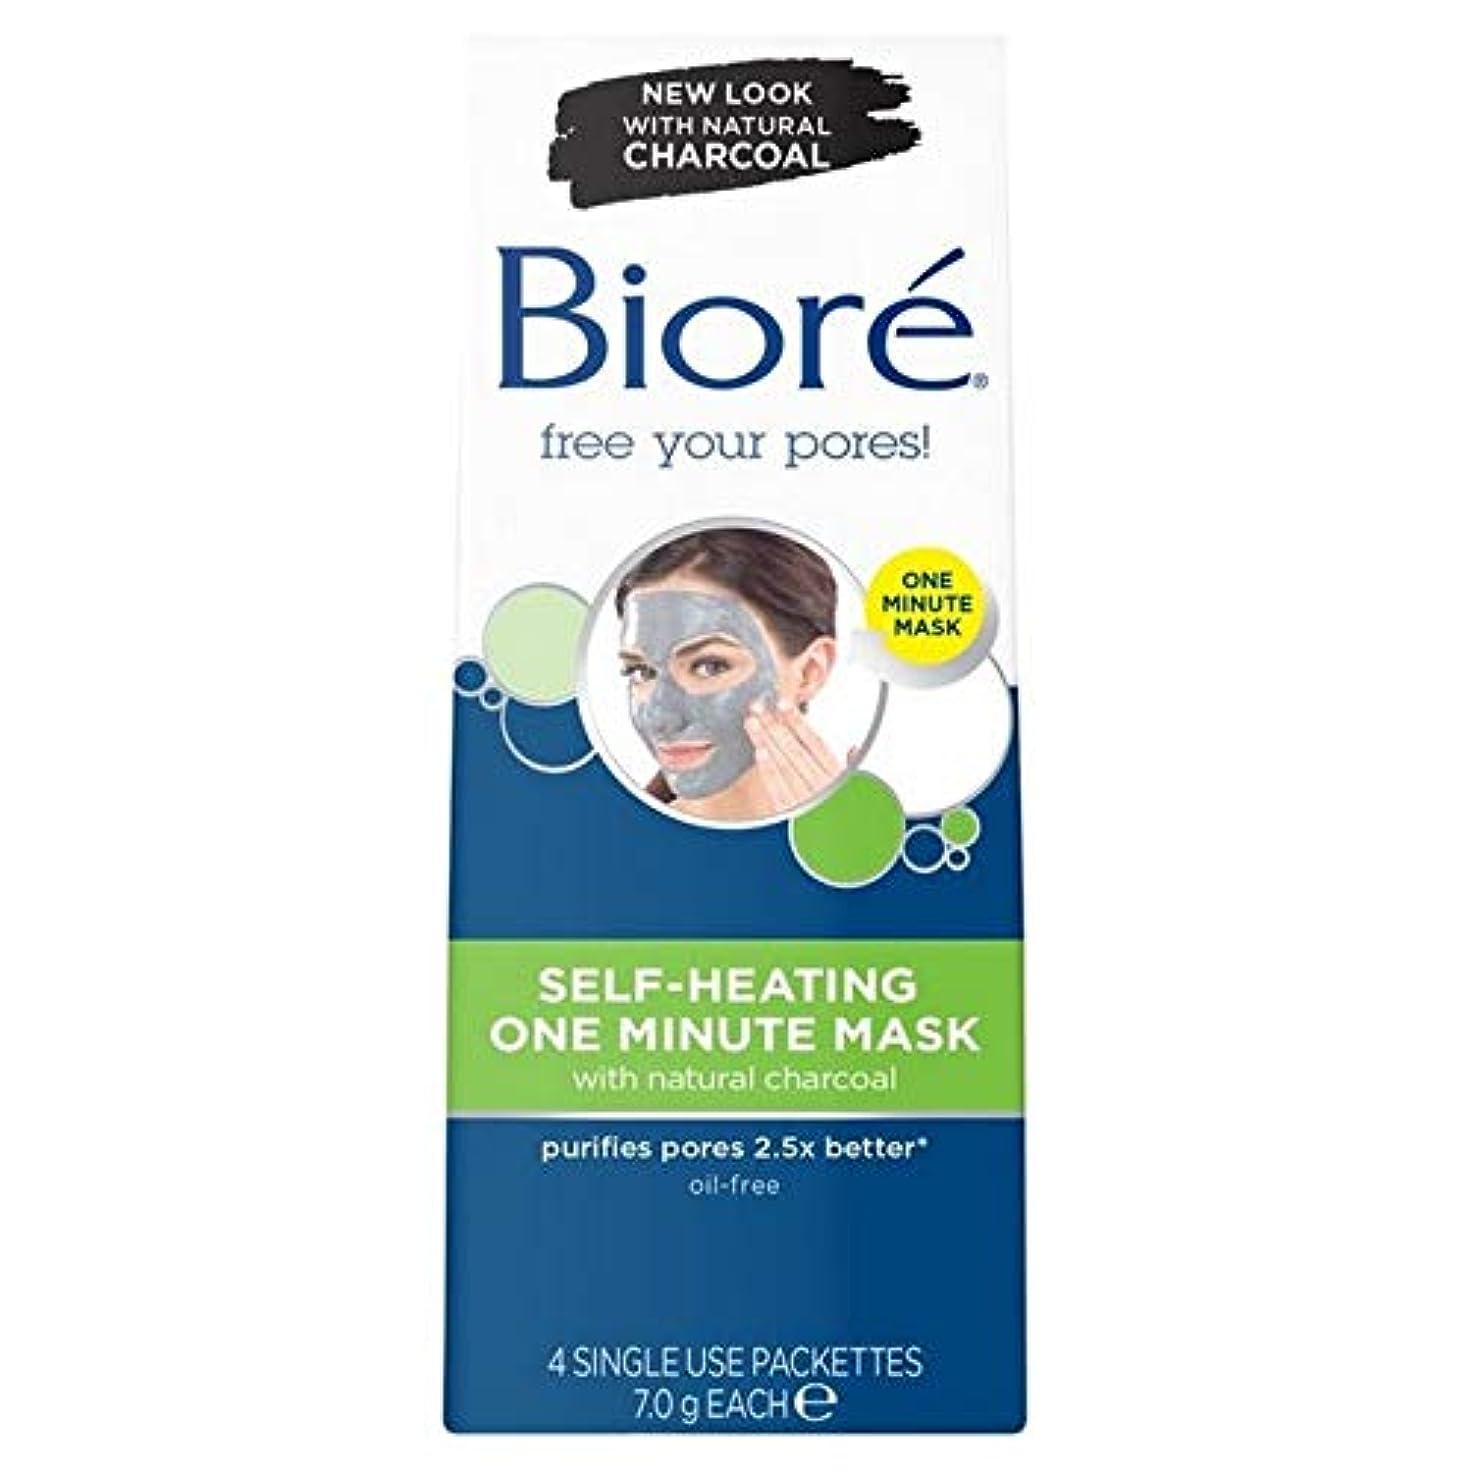 くまほのかテクスチャー[Biore] ビオレ自己発熱1分マスク4×7グラム - Biore Self Heating One Minute Mask 4 x 7g [並行輸入品]